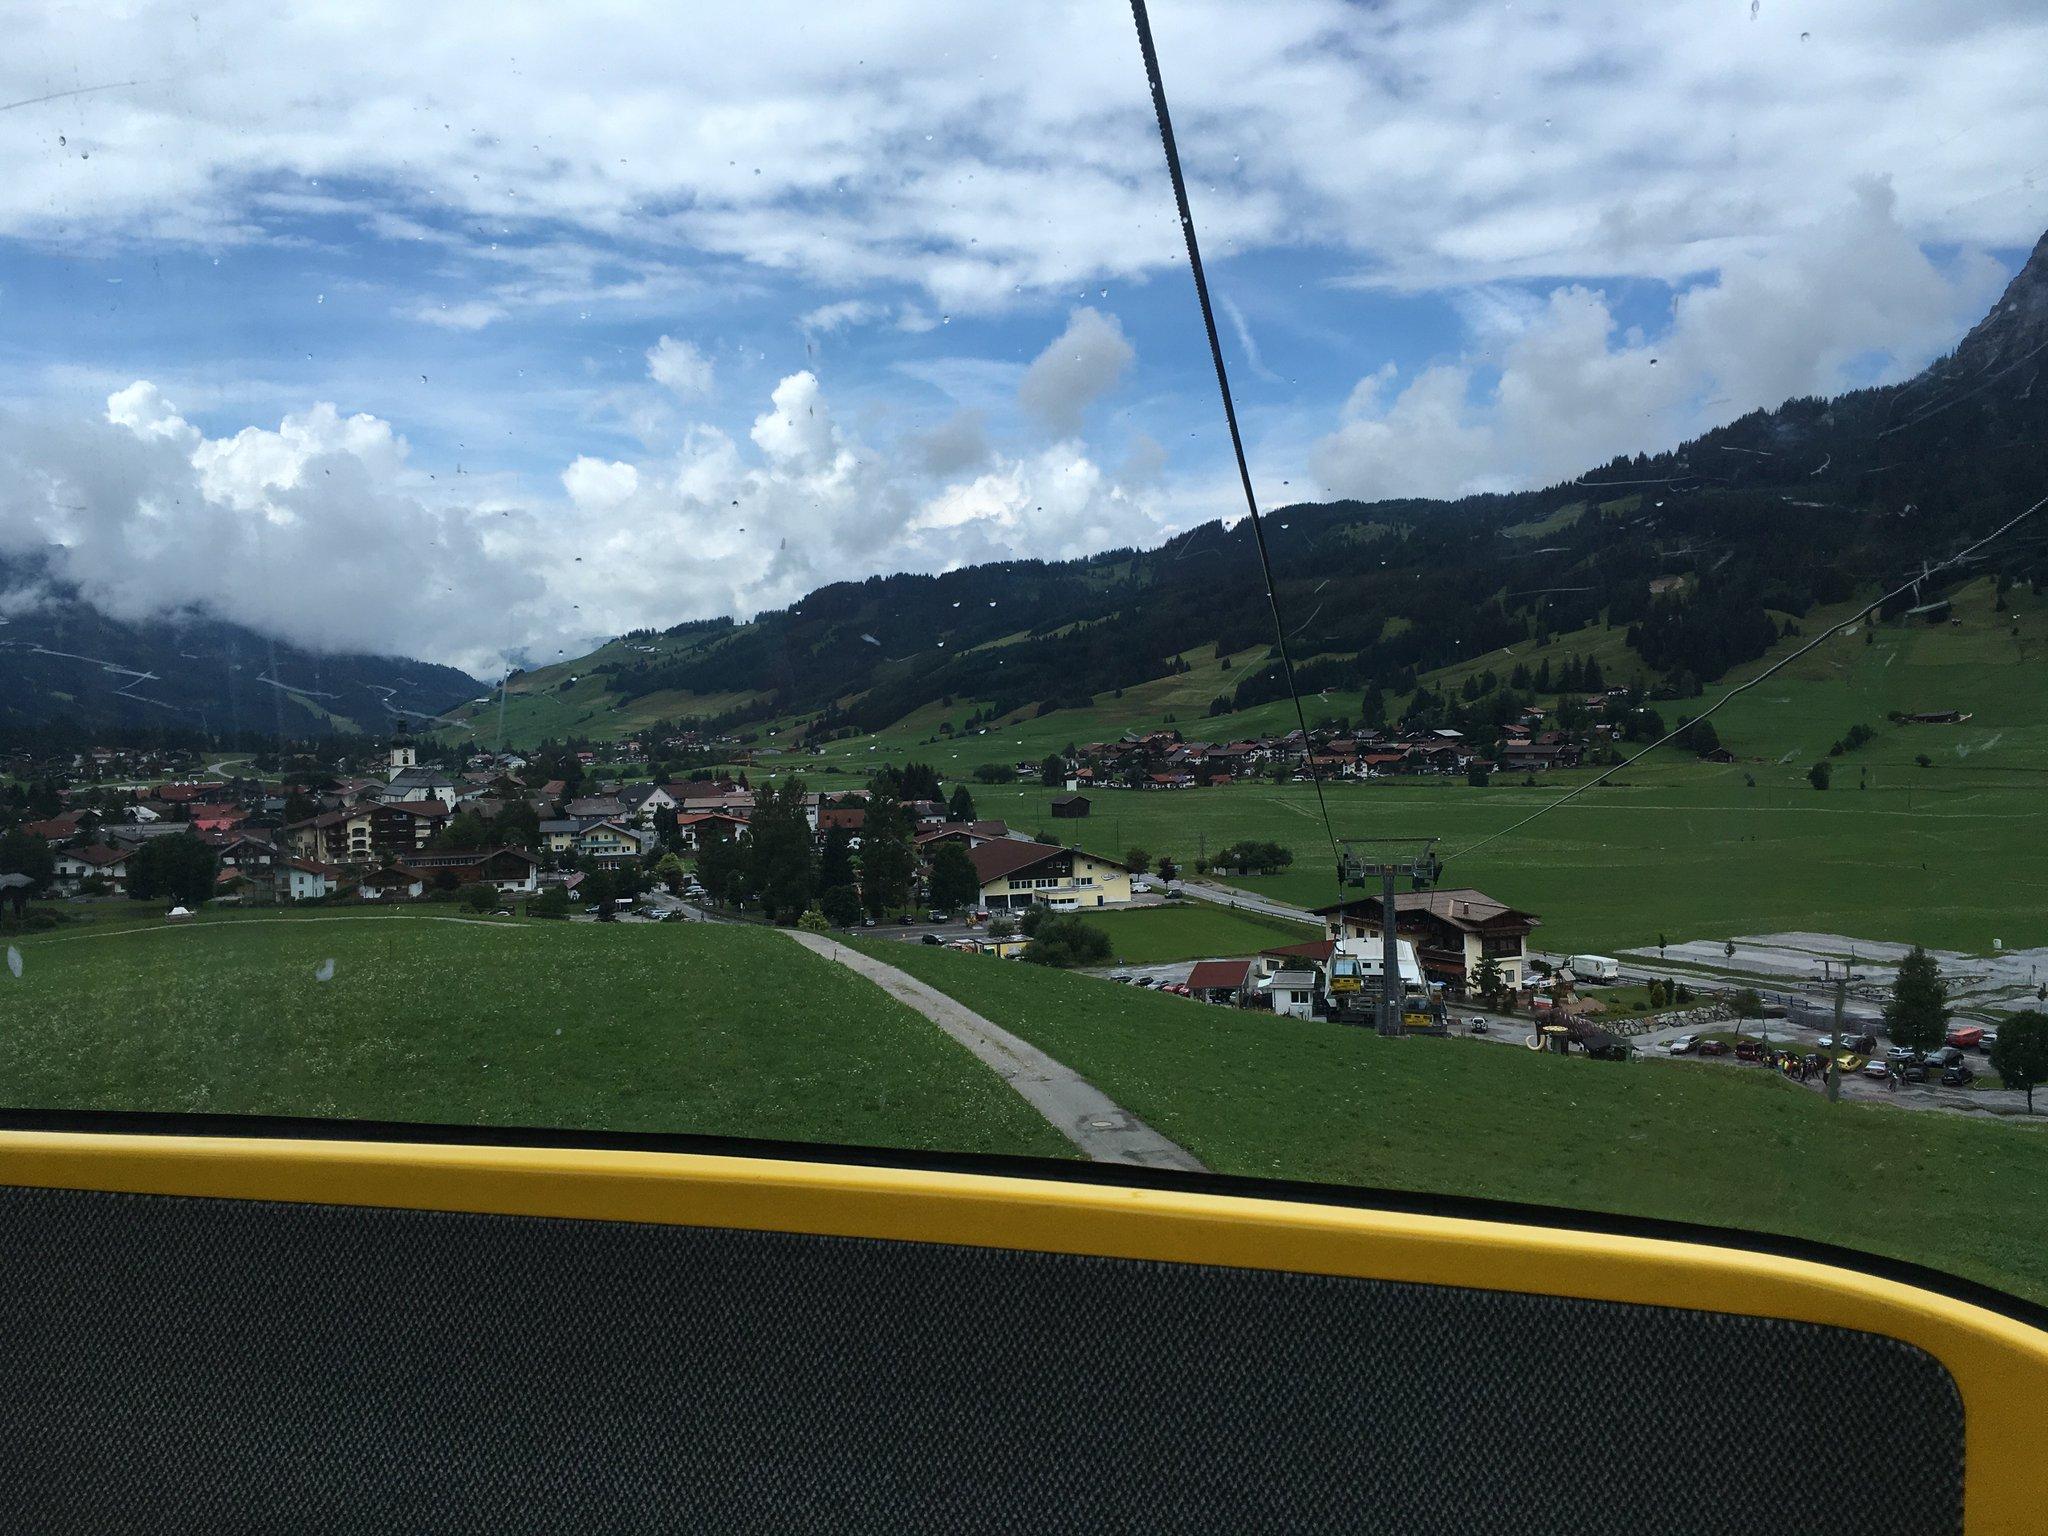 Wir waren noch kurz auf dem Berg. Mit der Gondelbahn kein Problem #meurers #TannheimerTal https://t.co/nUU6WuJk9t